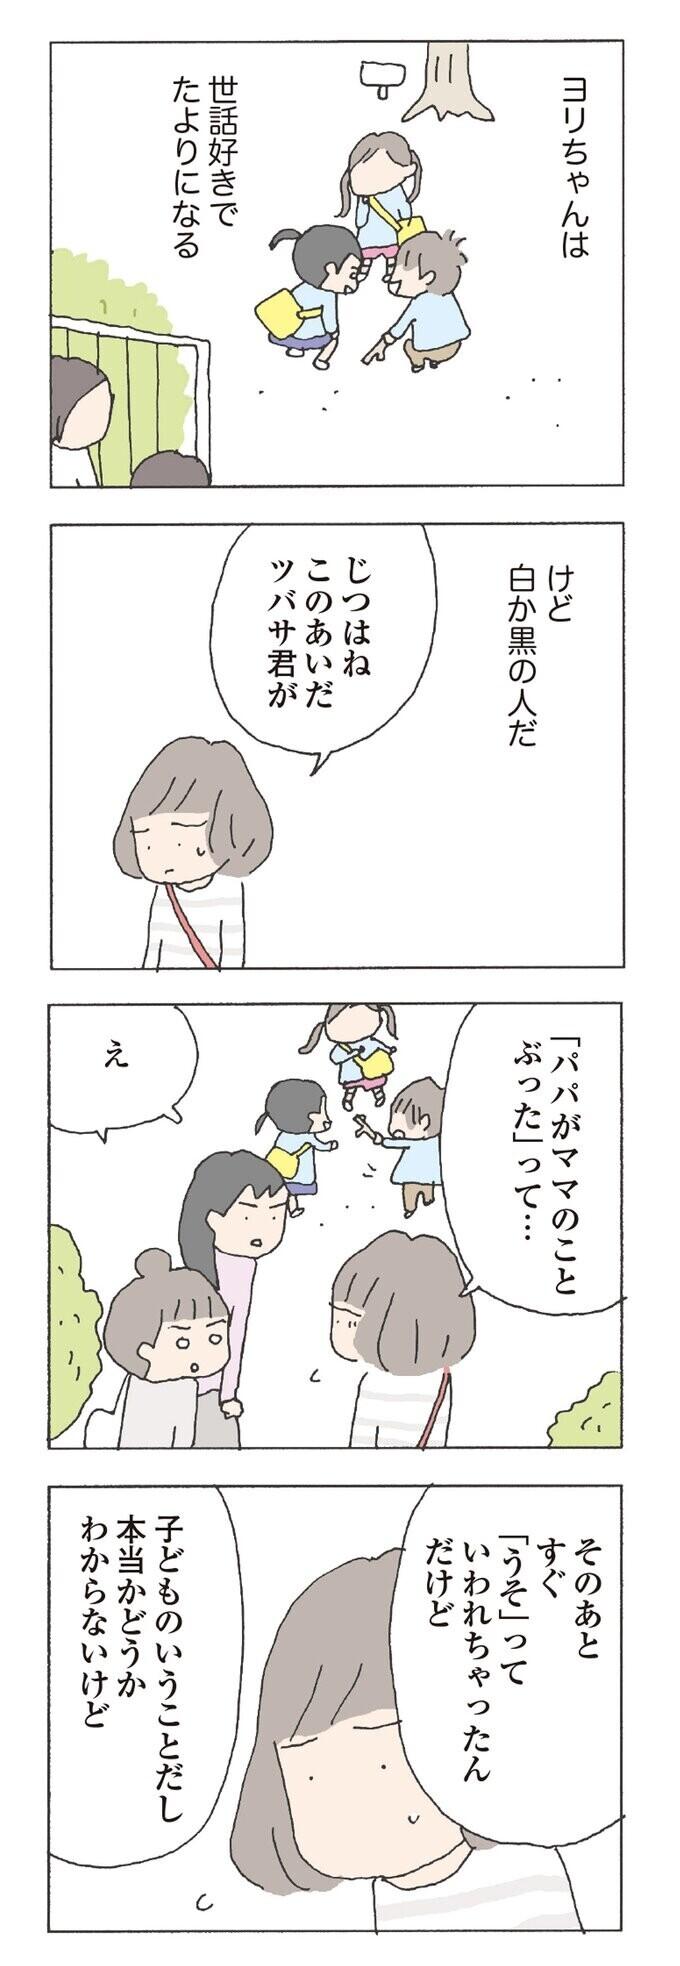 あんな女とは思わなかった…義母さんの初めて見る顔【消えたママ友 Vol.9】